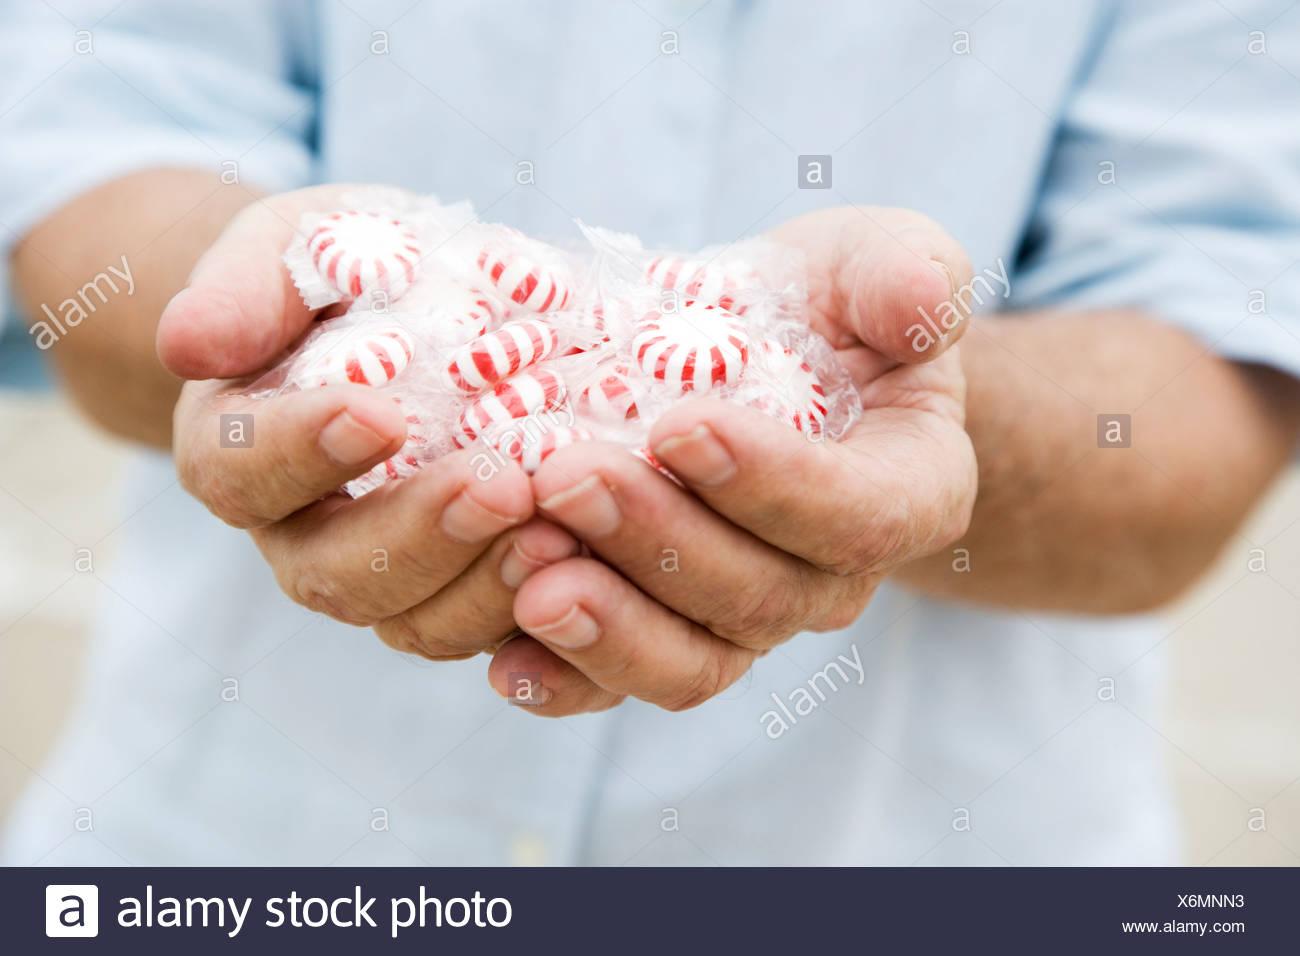 La mano que sostiene el hombre Senior dulces o golosinas Imagen De Stock